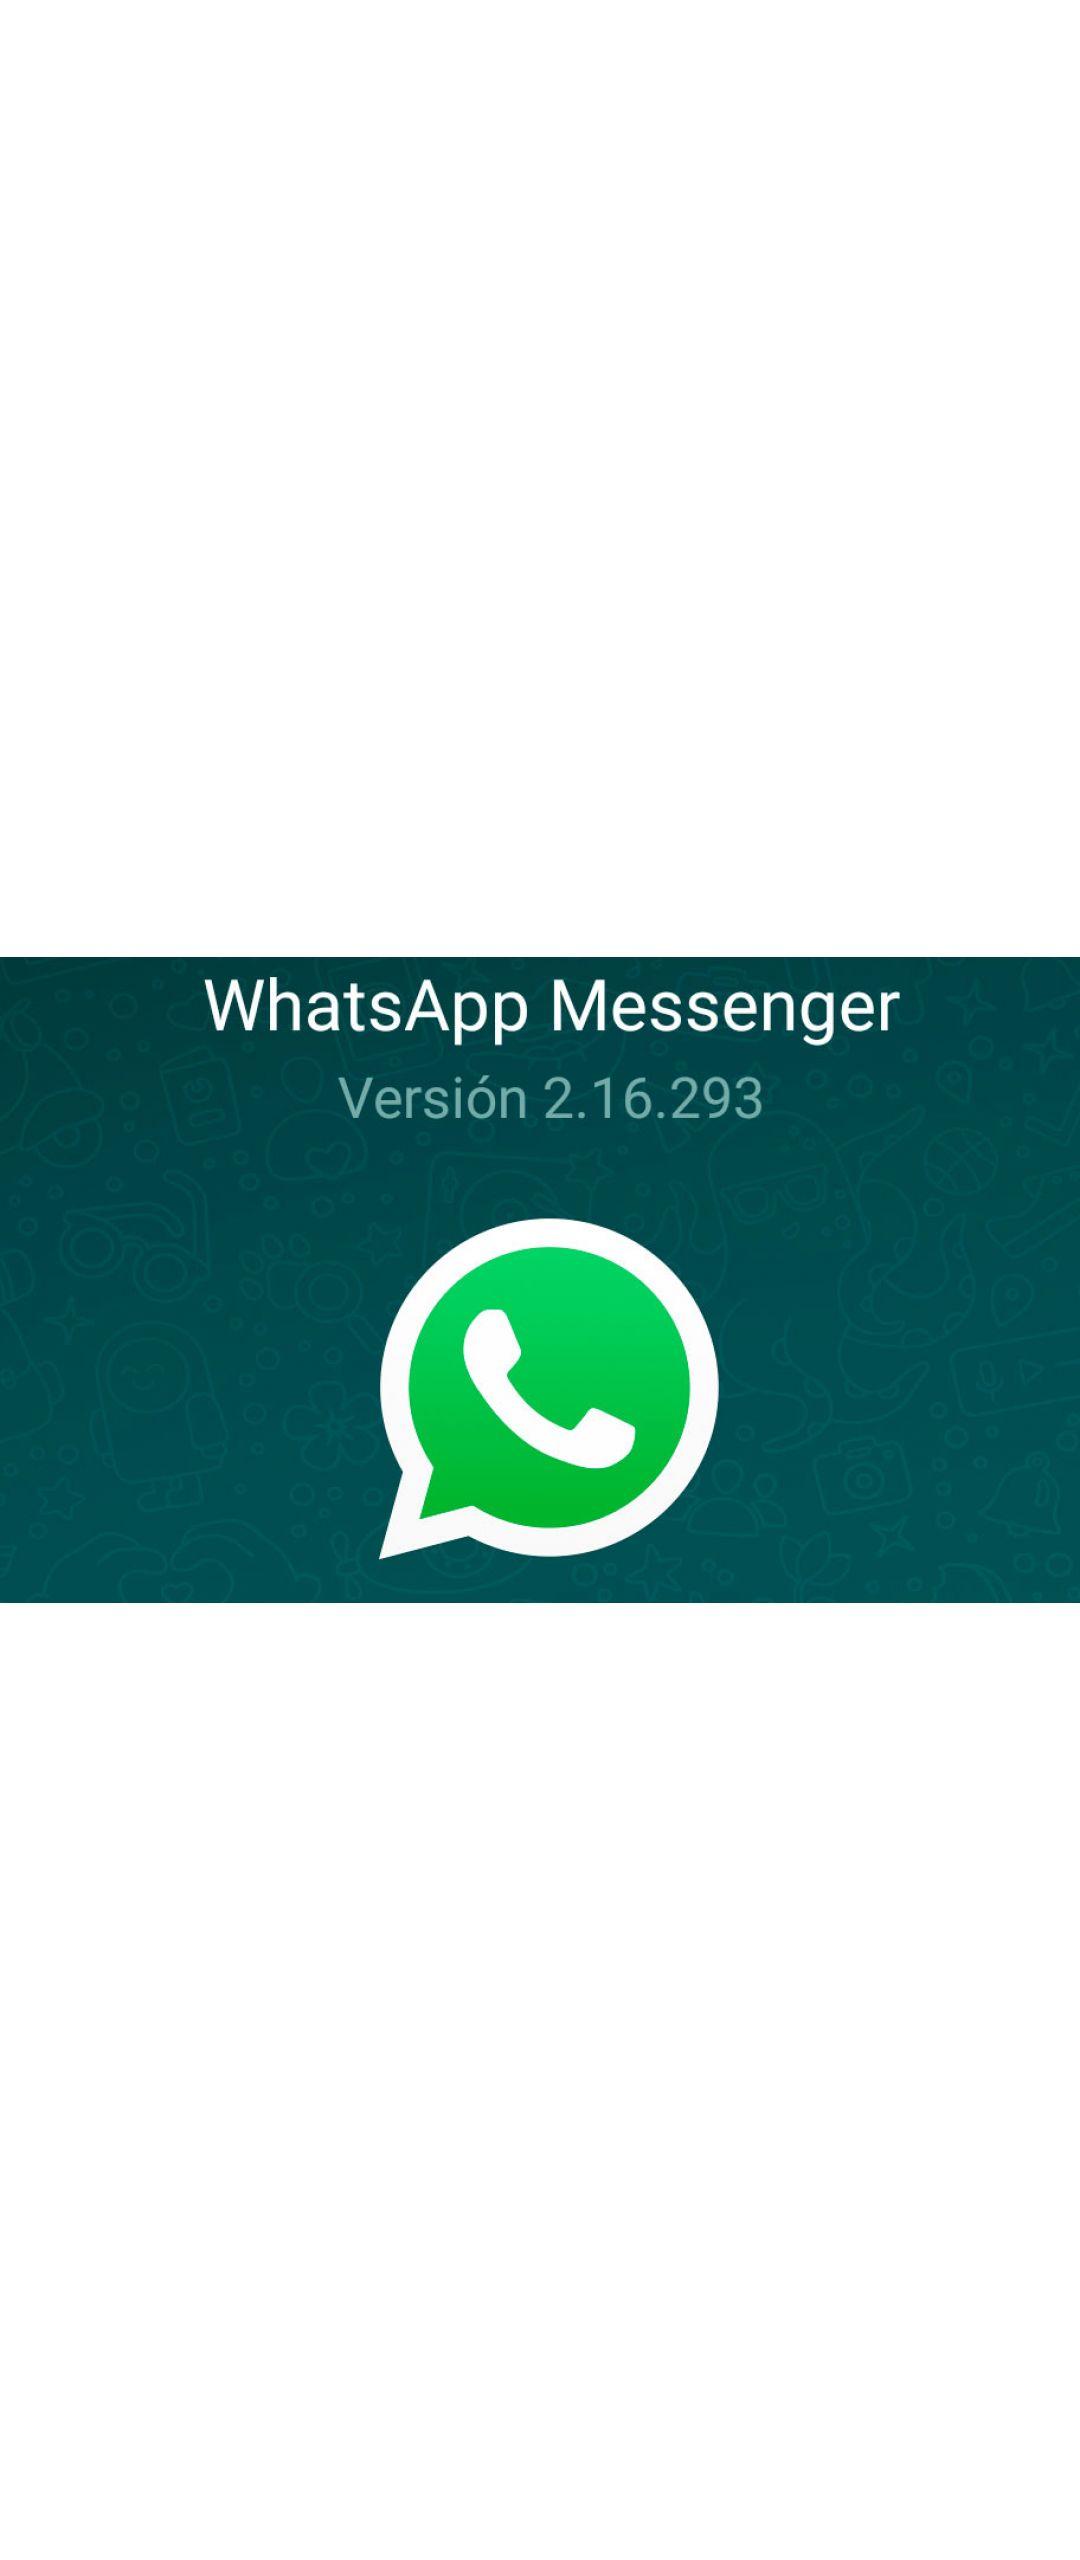 WhatsApp finalmente soporta el envío de GIFs